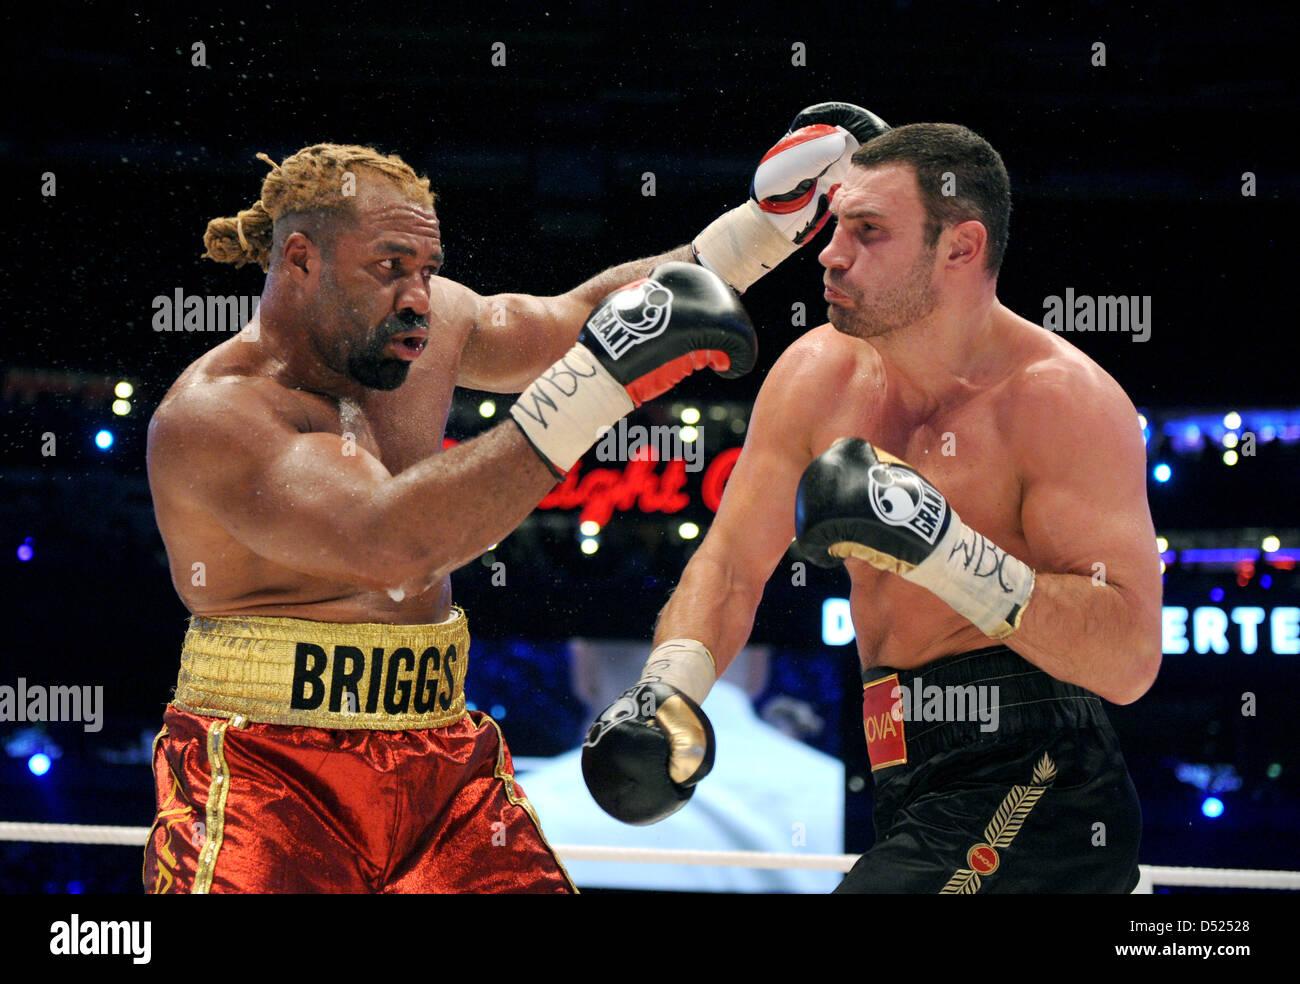 Ukrainian boxer Vitali Klitschko (R) fights against US boxer